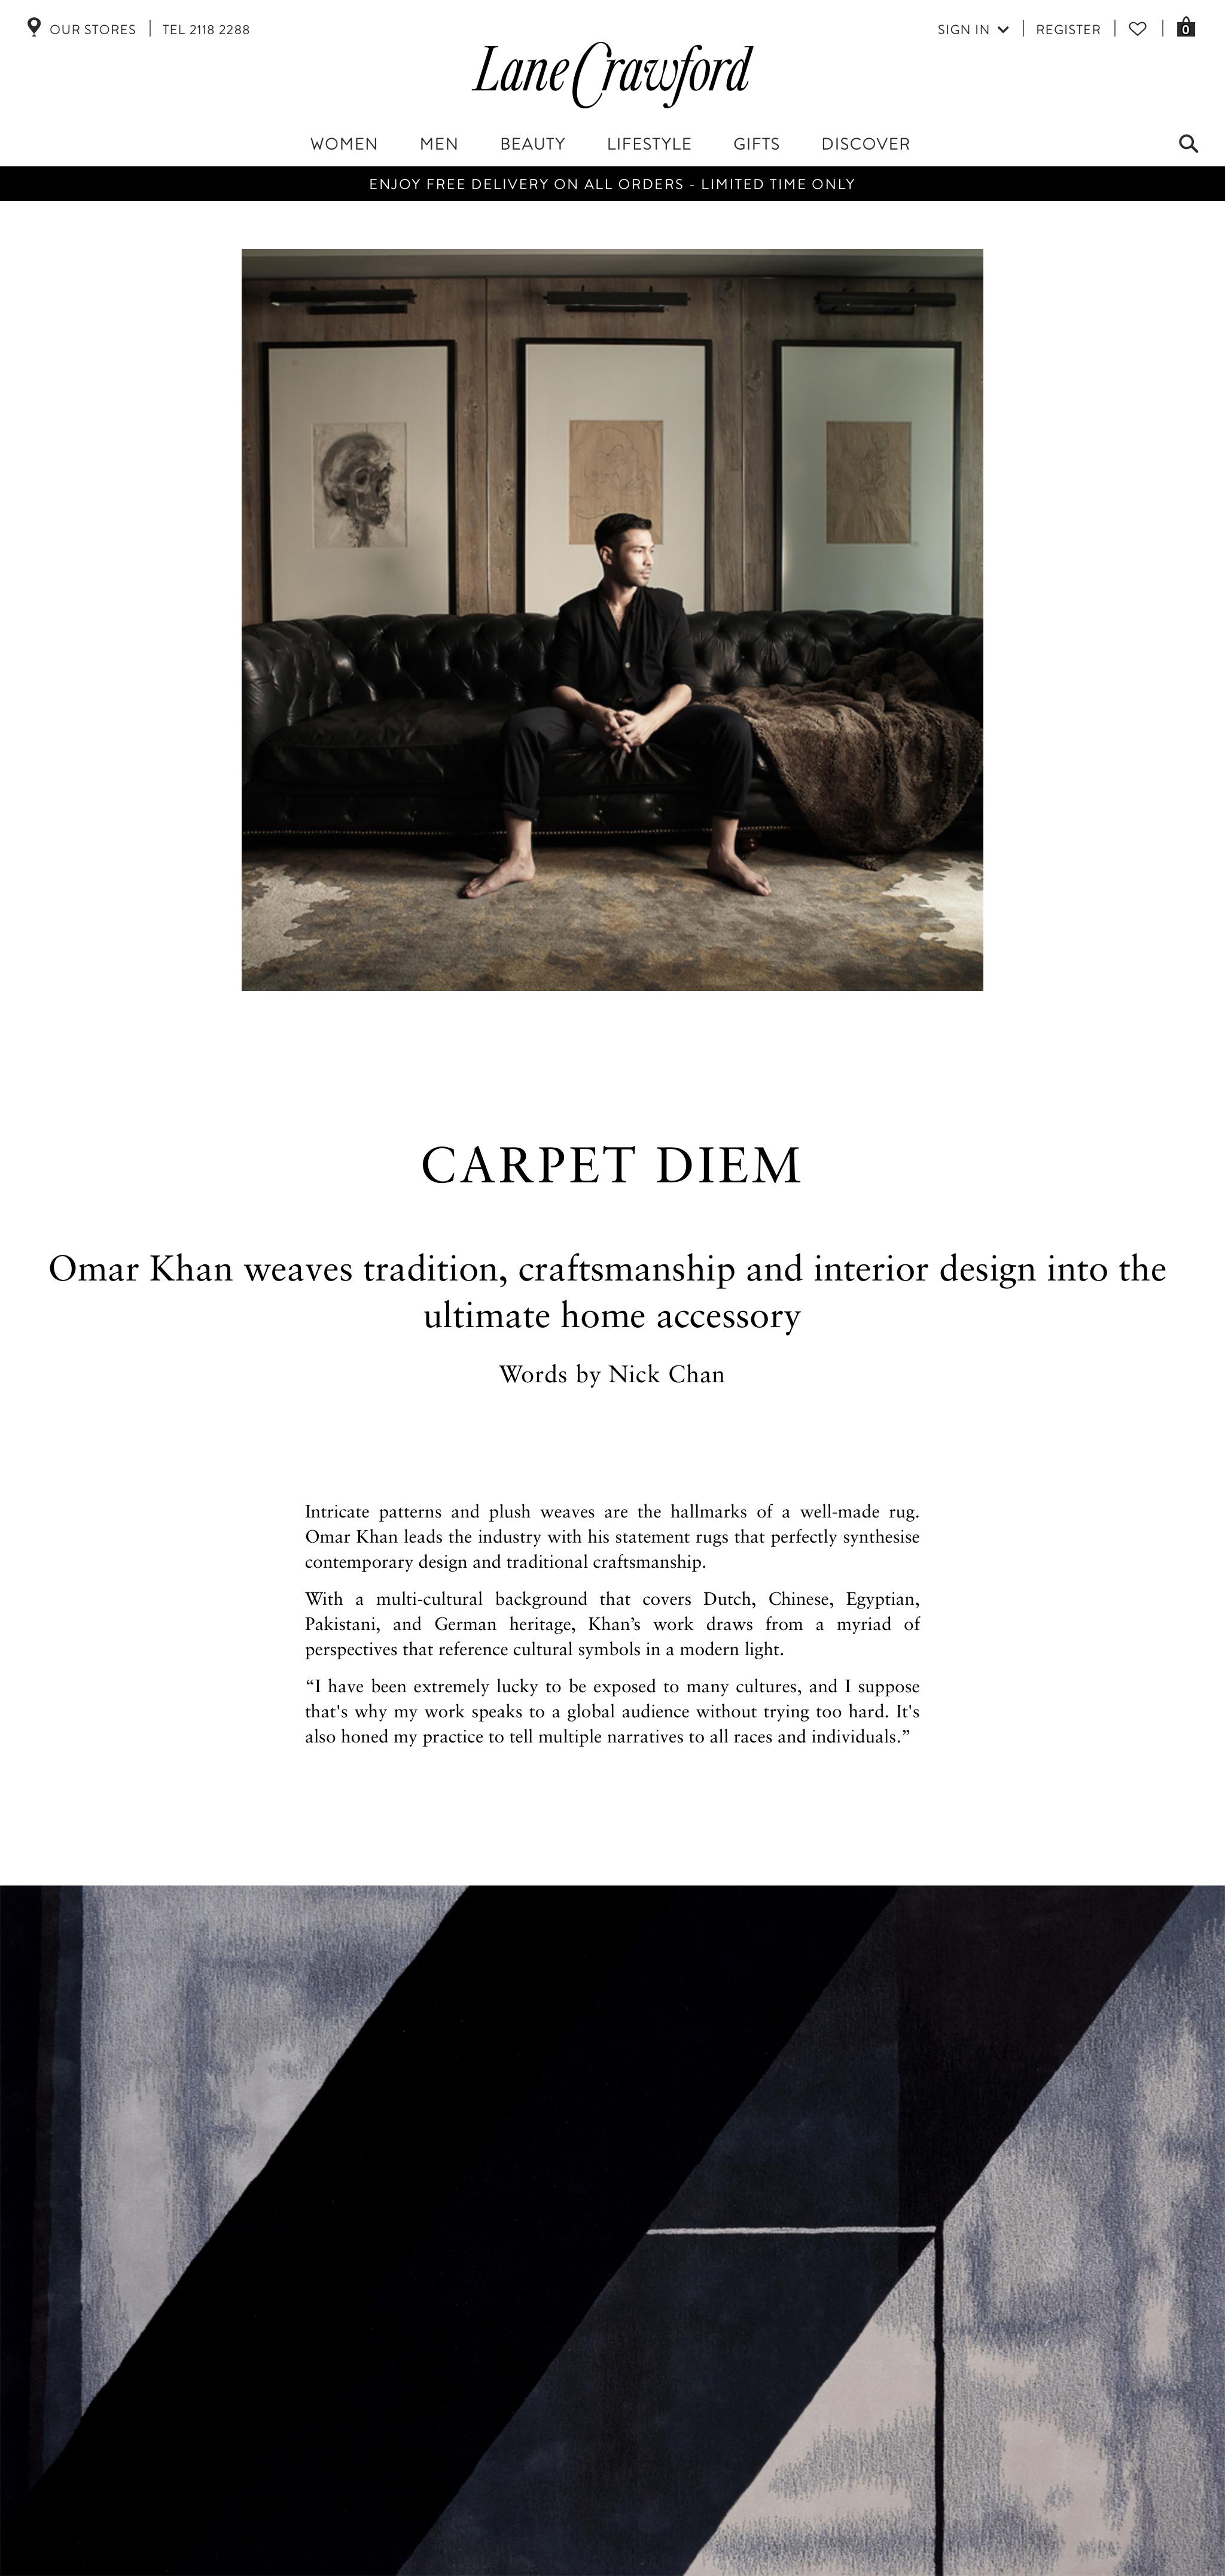 Writing | Lane Crawford | Omar Khan Rugs